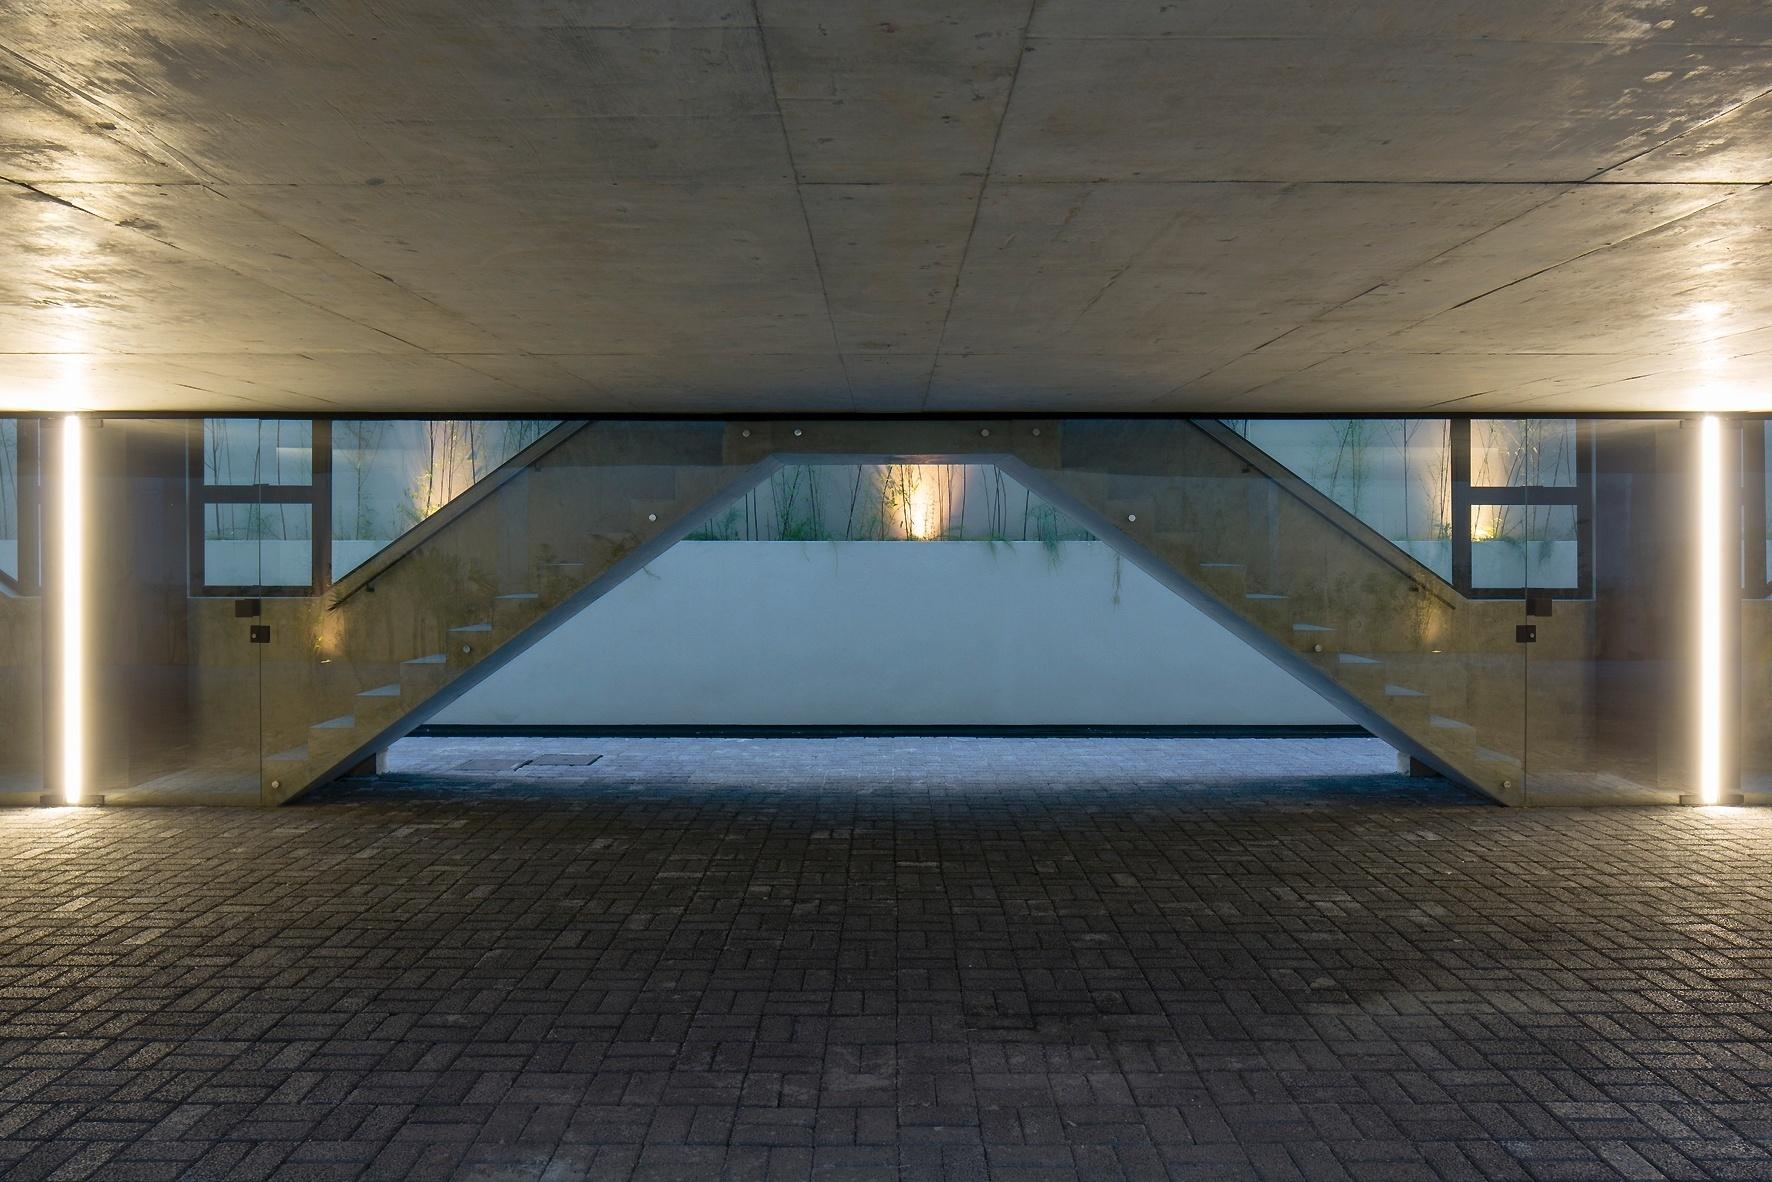 O desenho que remete a um ziguezague é resultado das linhas estruturais de concreto que compõem escadas, guarda-corpos, pilares e lajes, além dos blocos drenantes do piso. O Vila Aspicuelta foi projetado pelo escritório Tacoa Arquitetos